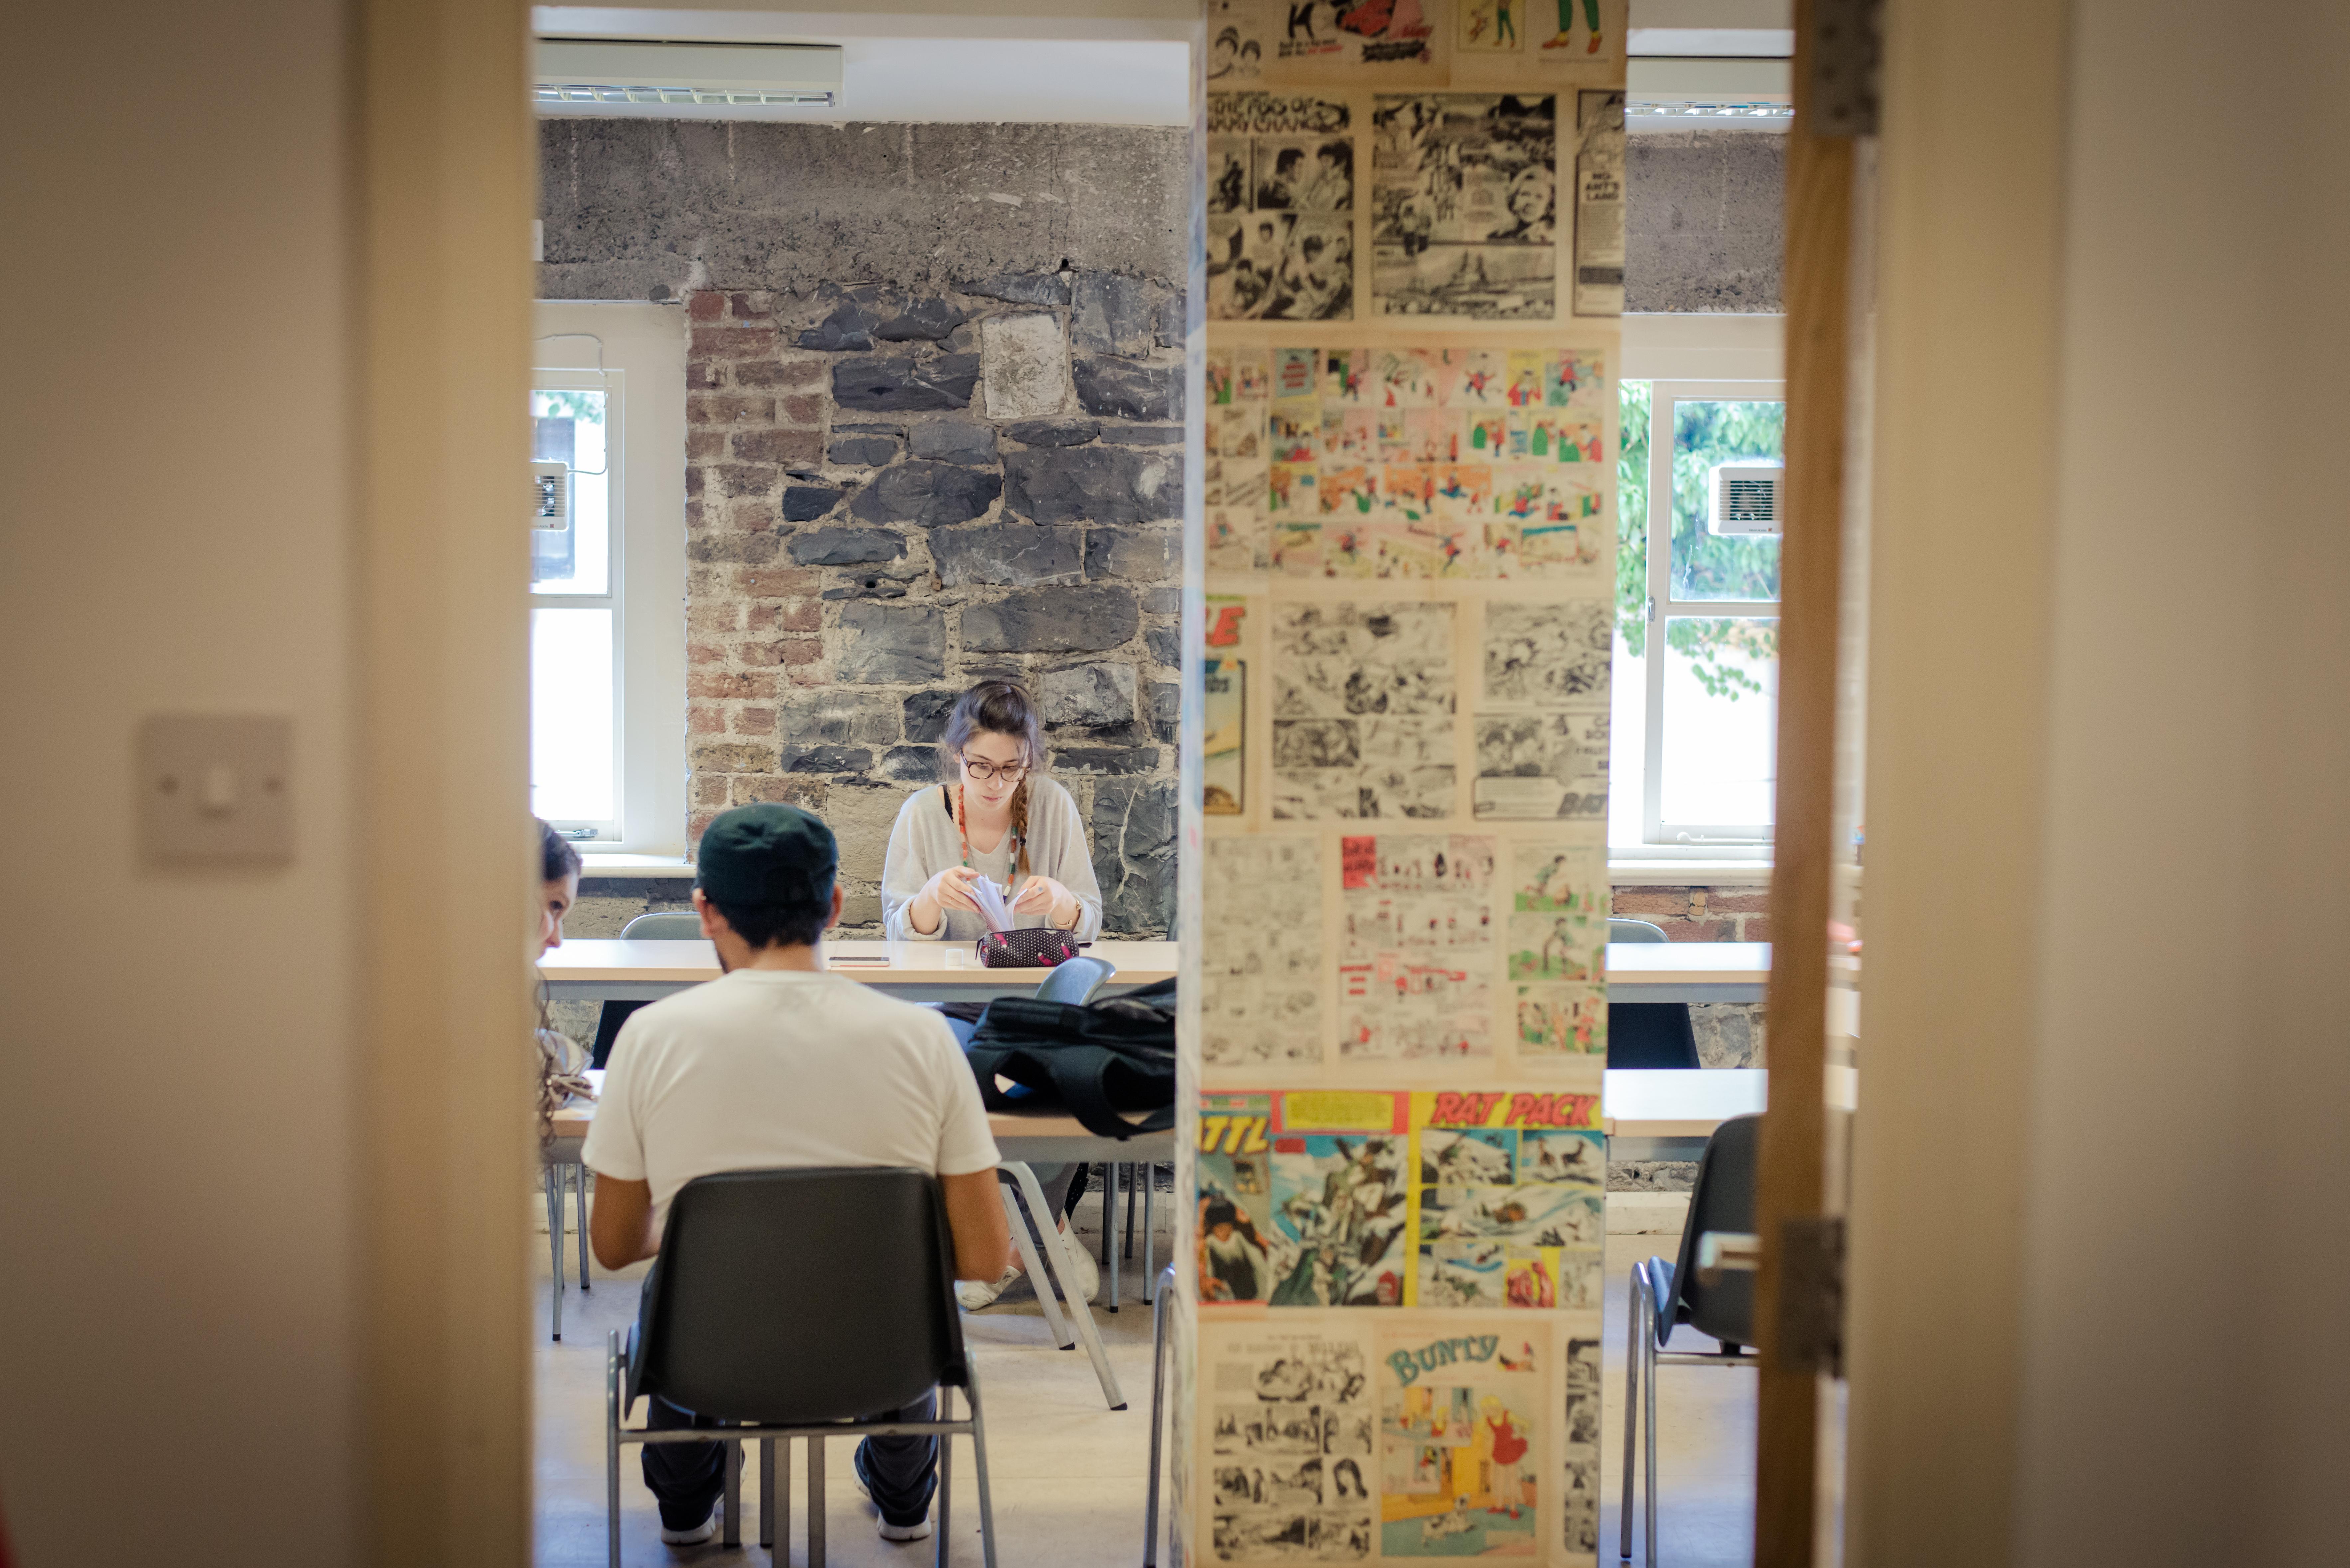 MB_2_students through classroom door